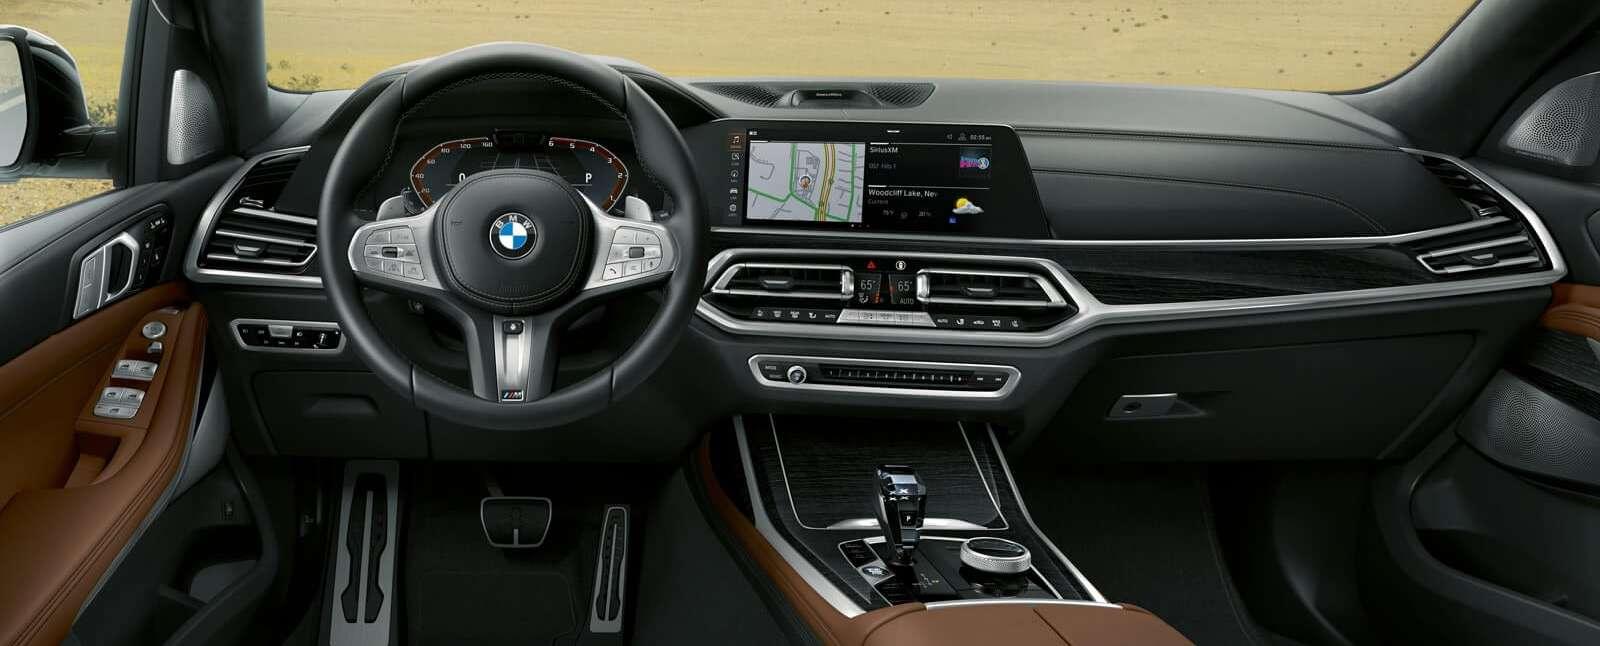 2020 BMW X7 Dashboard